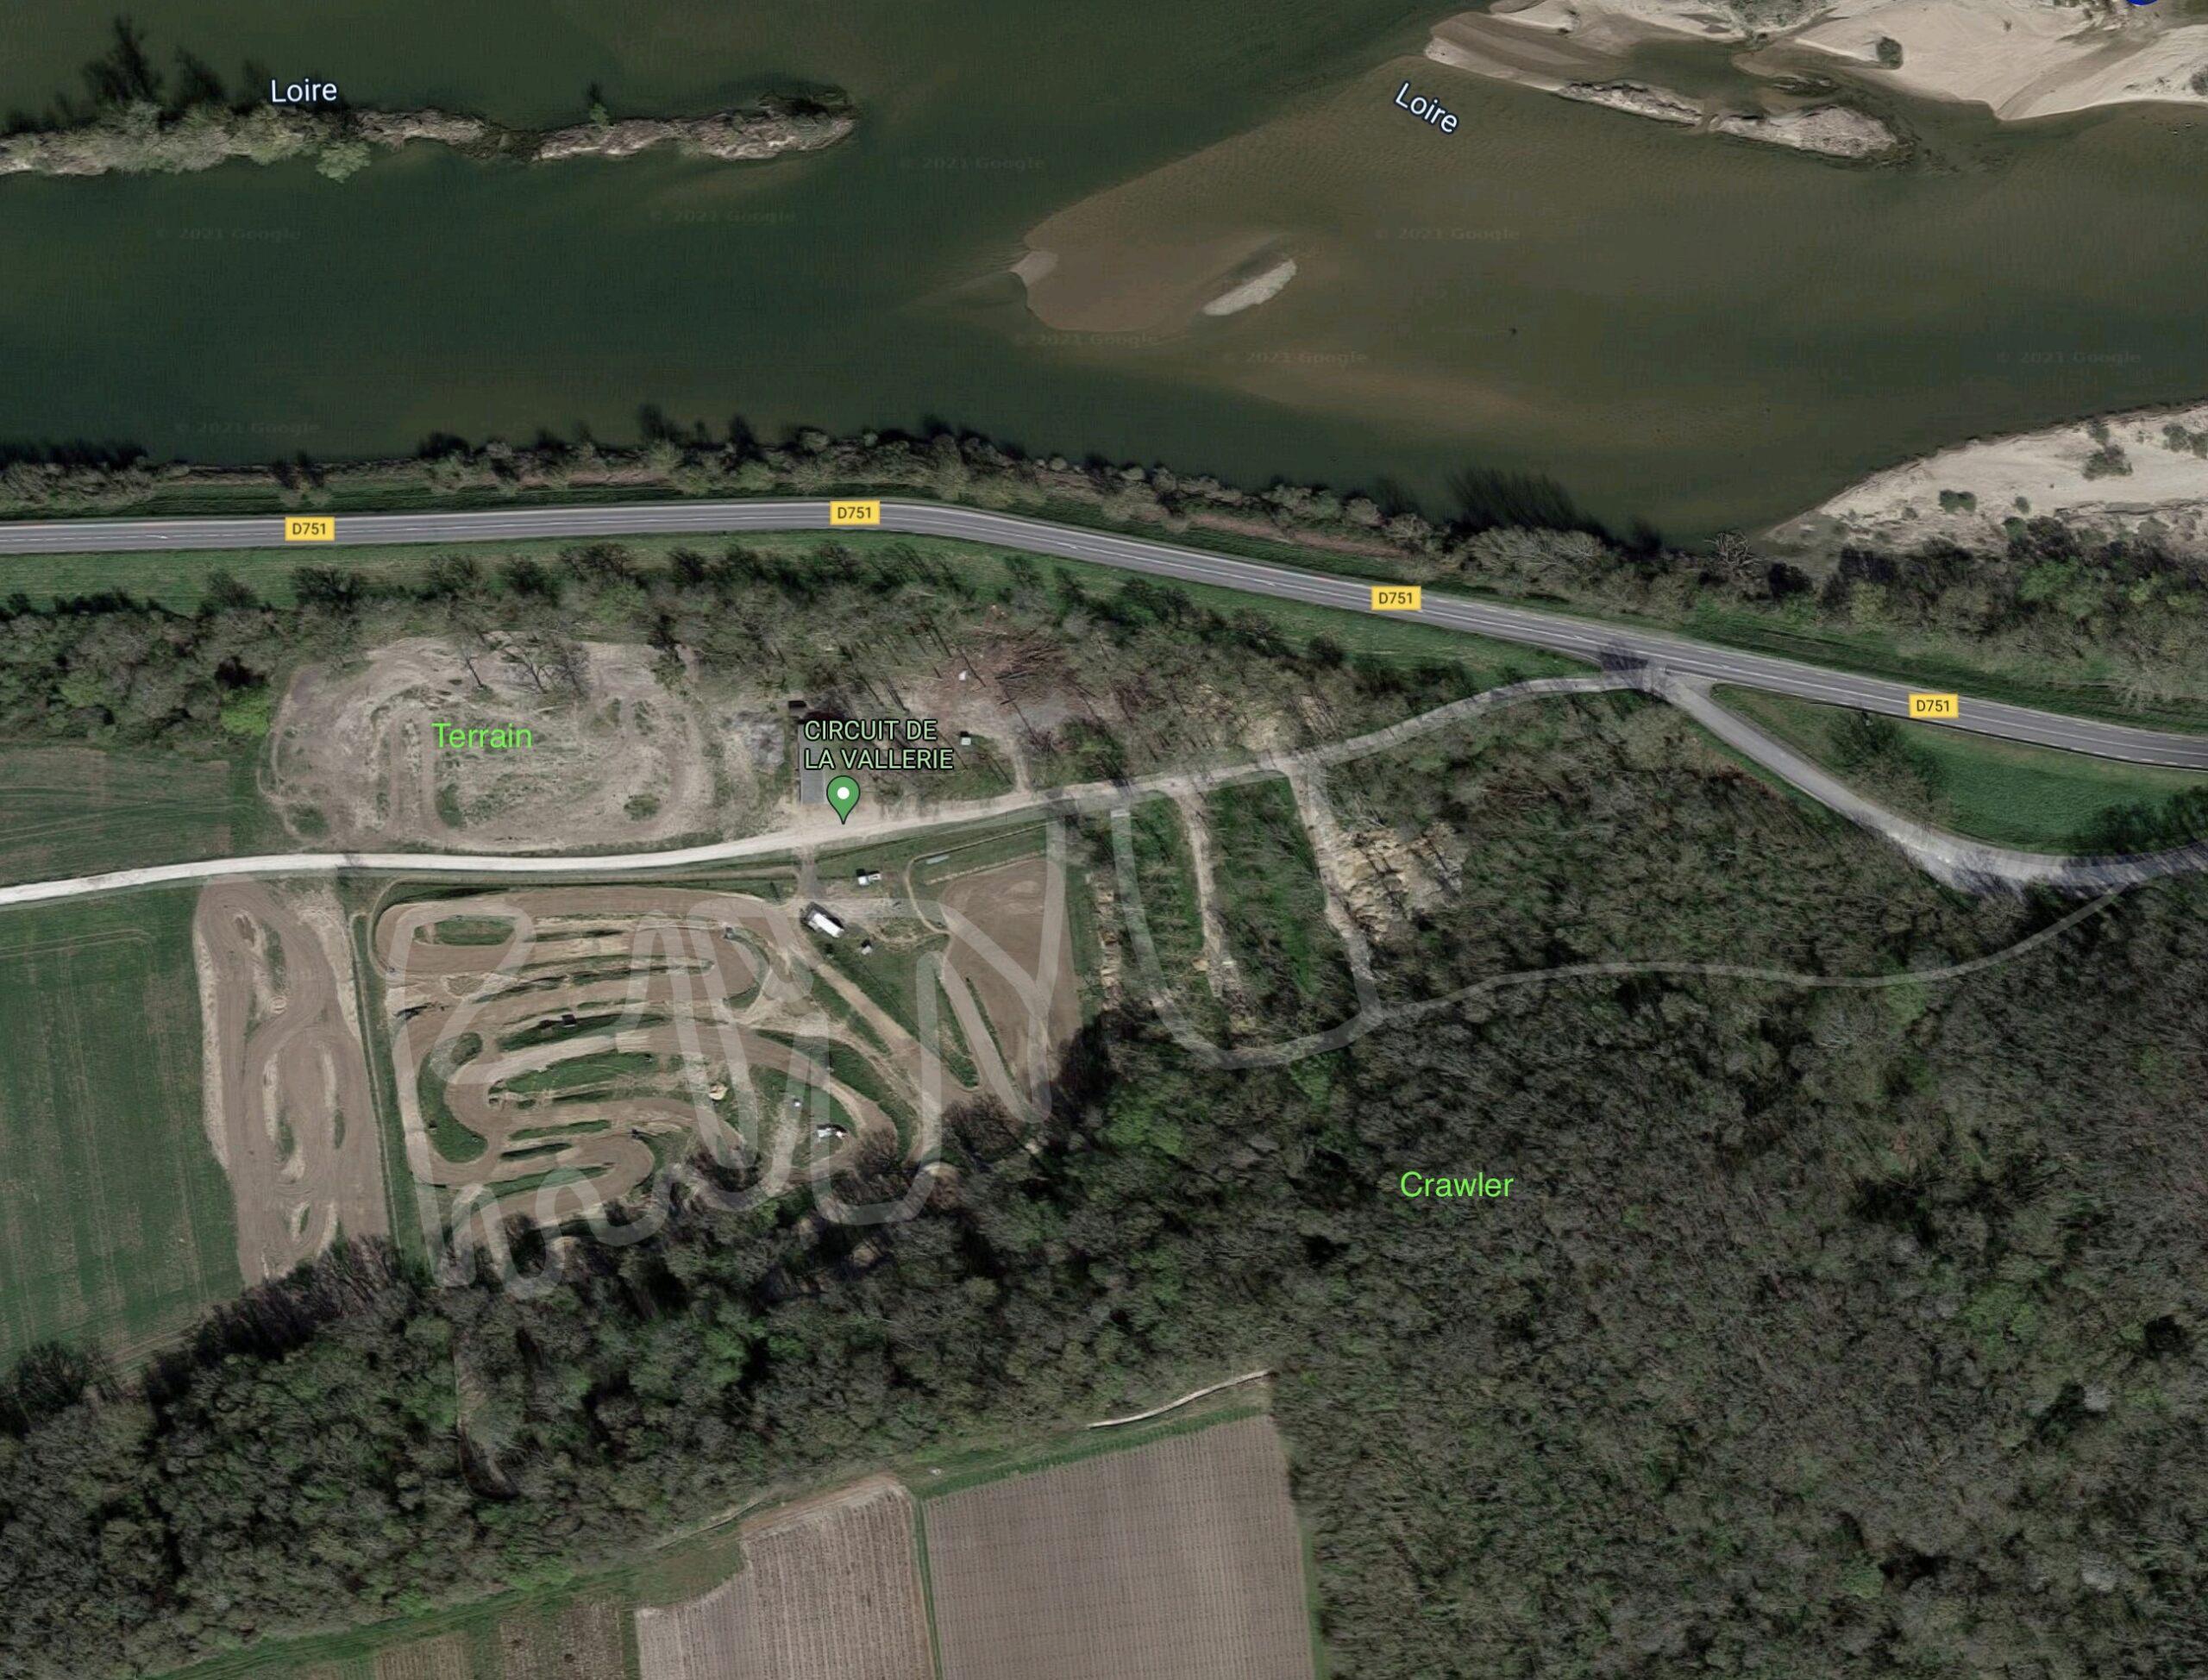 Sortie RC Scale et Crawler en Région Centre Val de Loire, Indre et Loire 37. Année 2021. - Page 10 Captu286